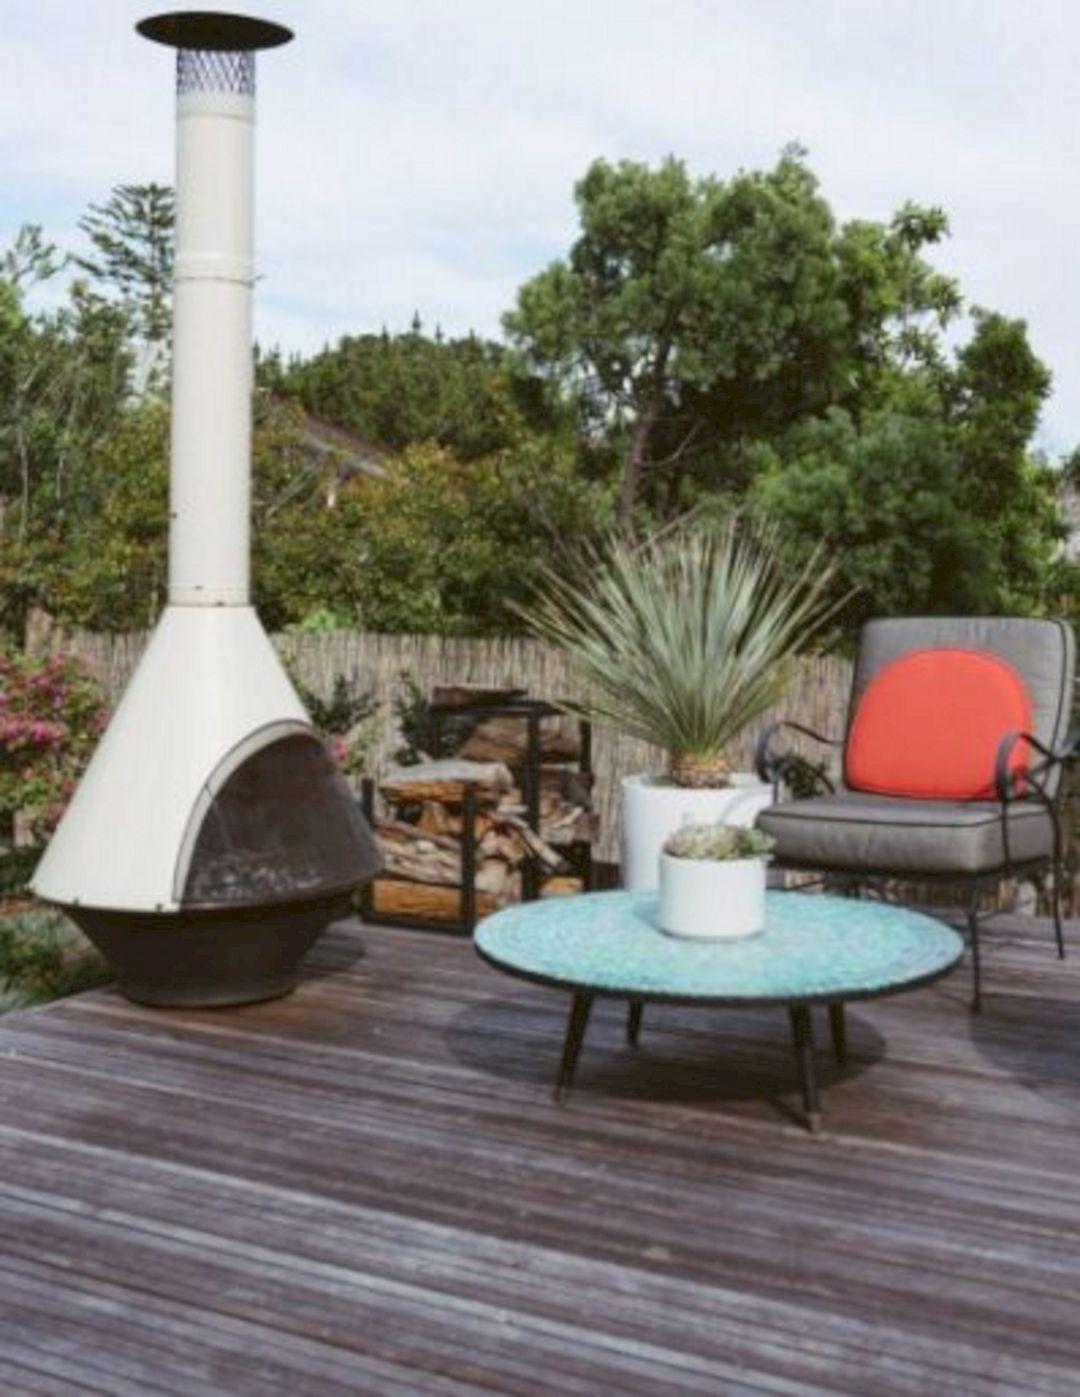 25 Stunning Mid Century Modern Outdoor Fireplace Design Ideas Freshouz Com Modern Outdoor Fireplace Outdoor Fireplace Designs Outdoor Fireplace